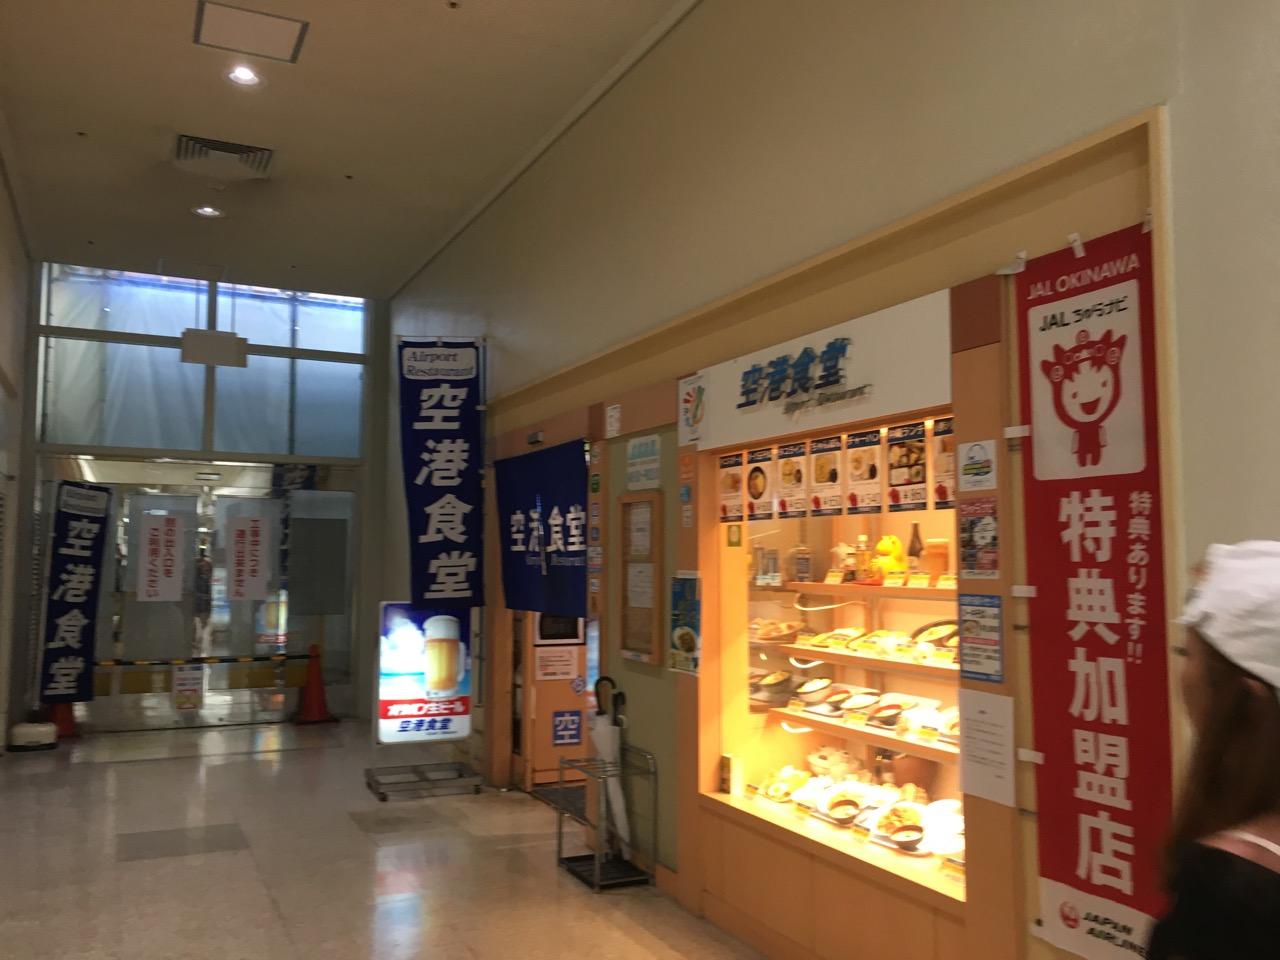 那覇空港に着いたら、まず空港食堂でランチ!